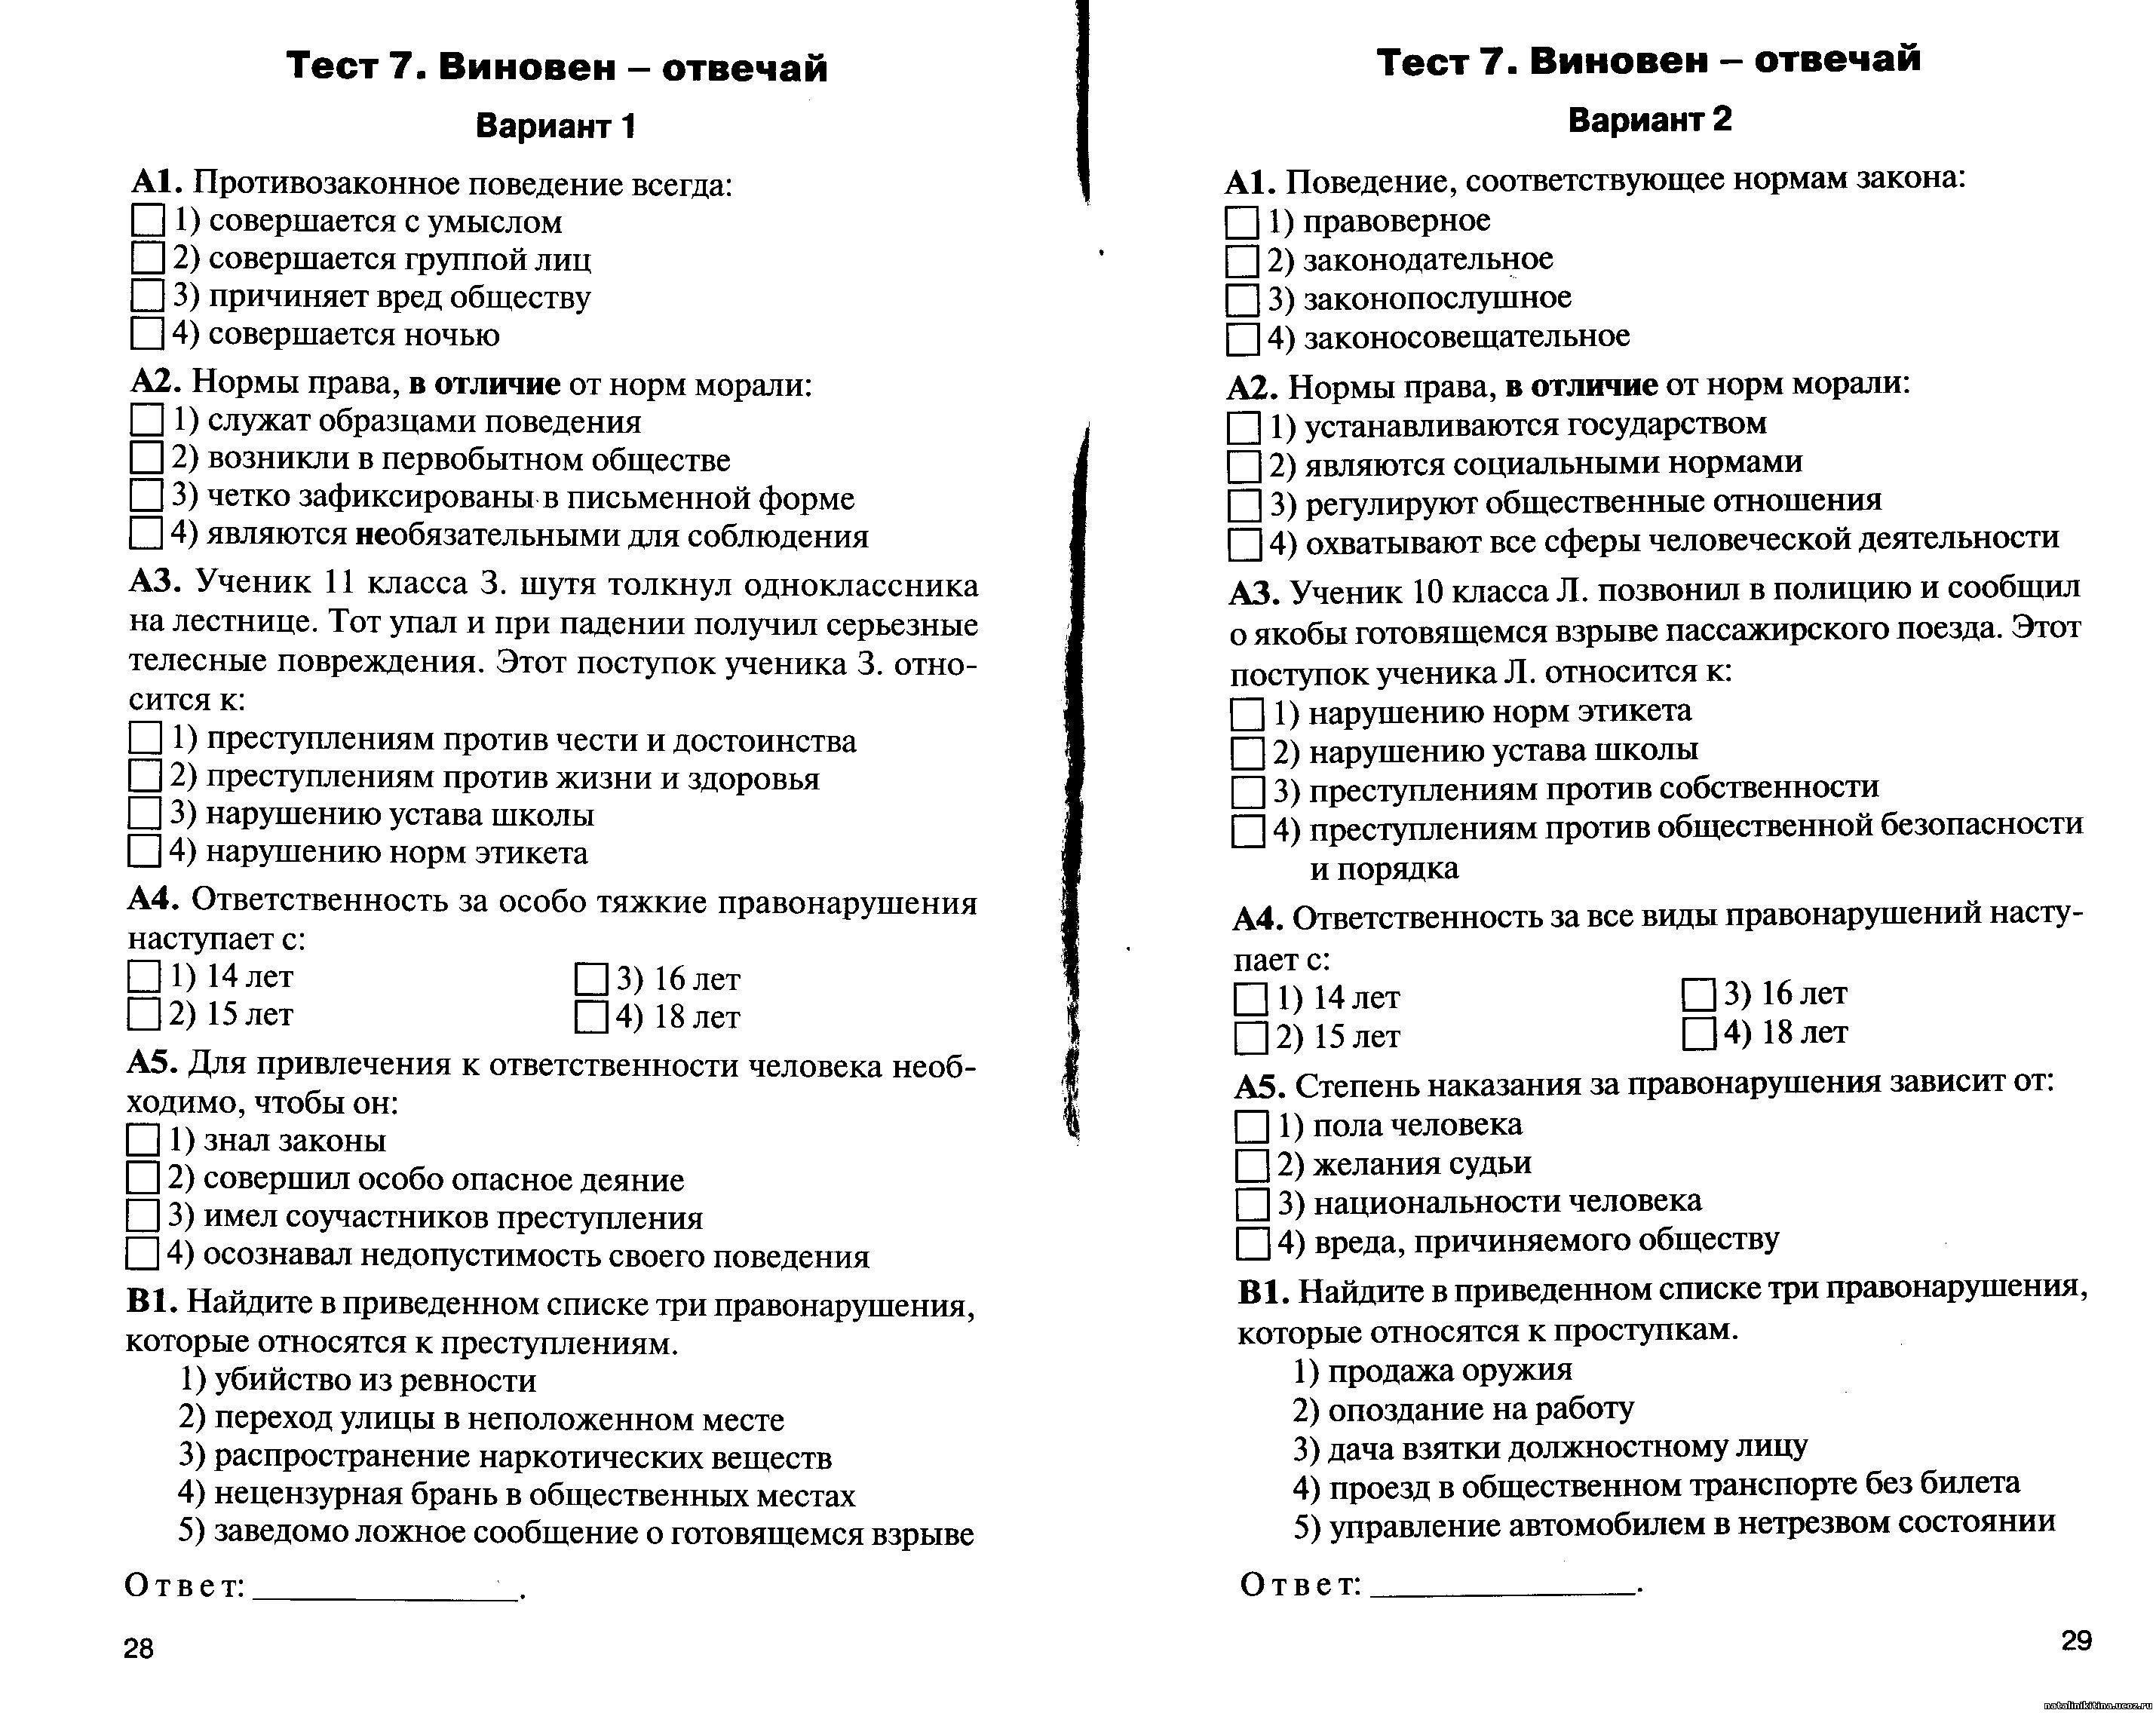 тест по обществознанию на тему виновен отвечай по 7 класс